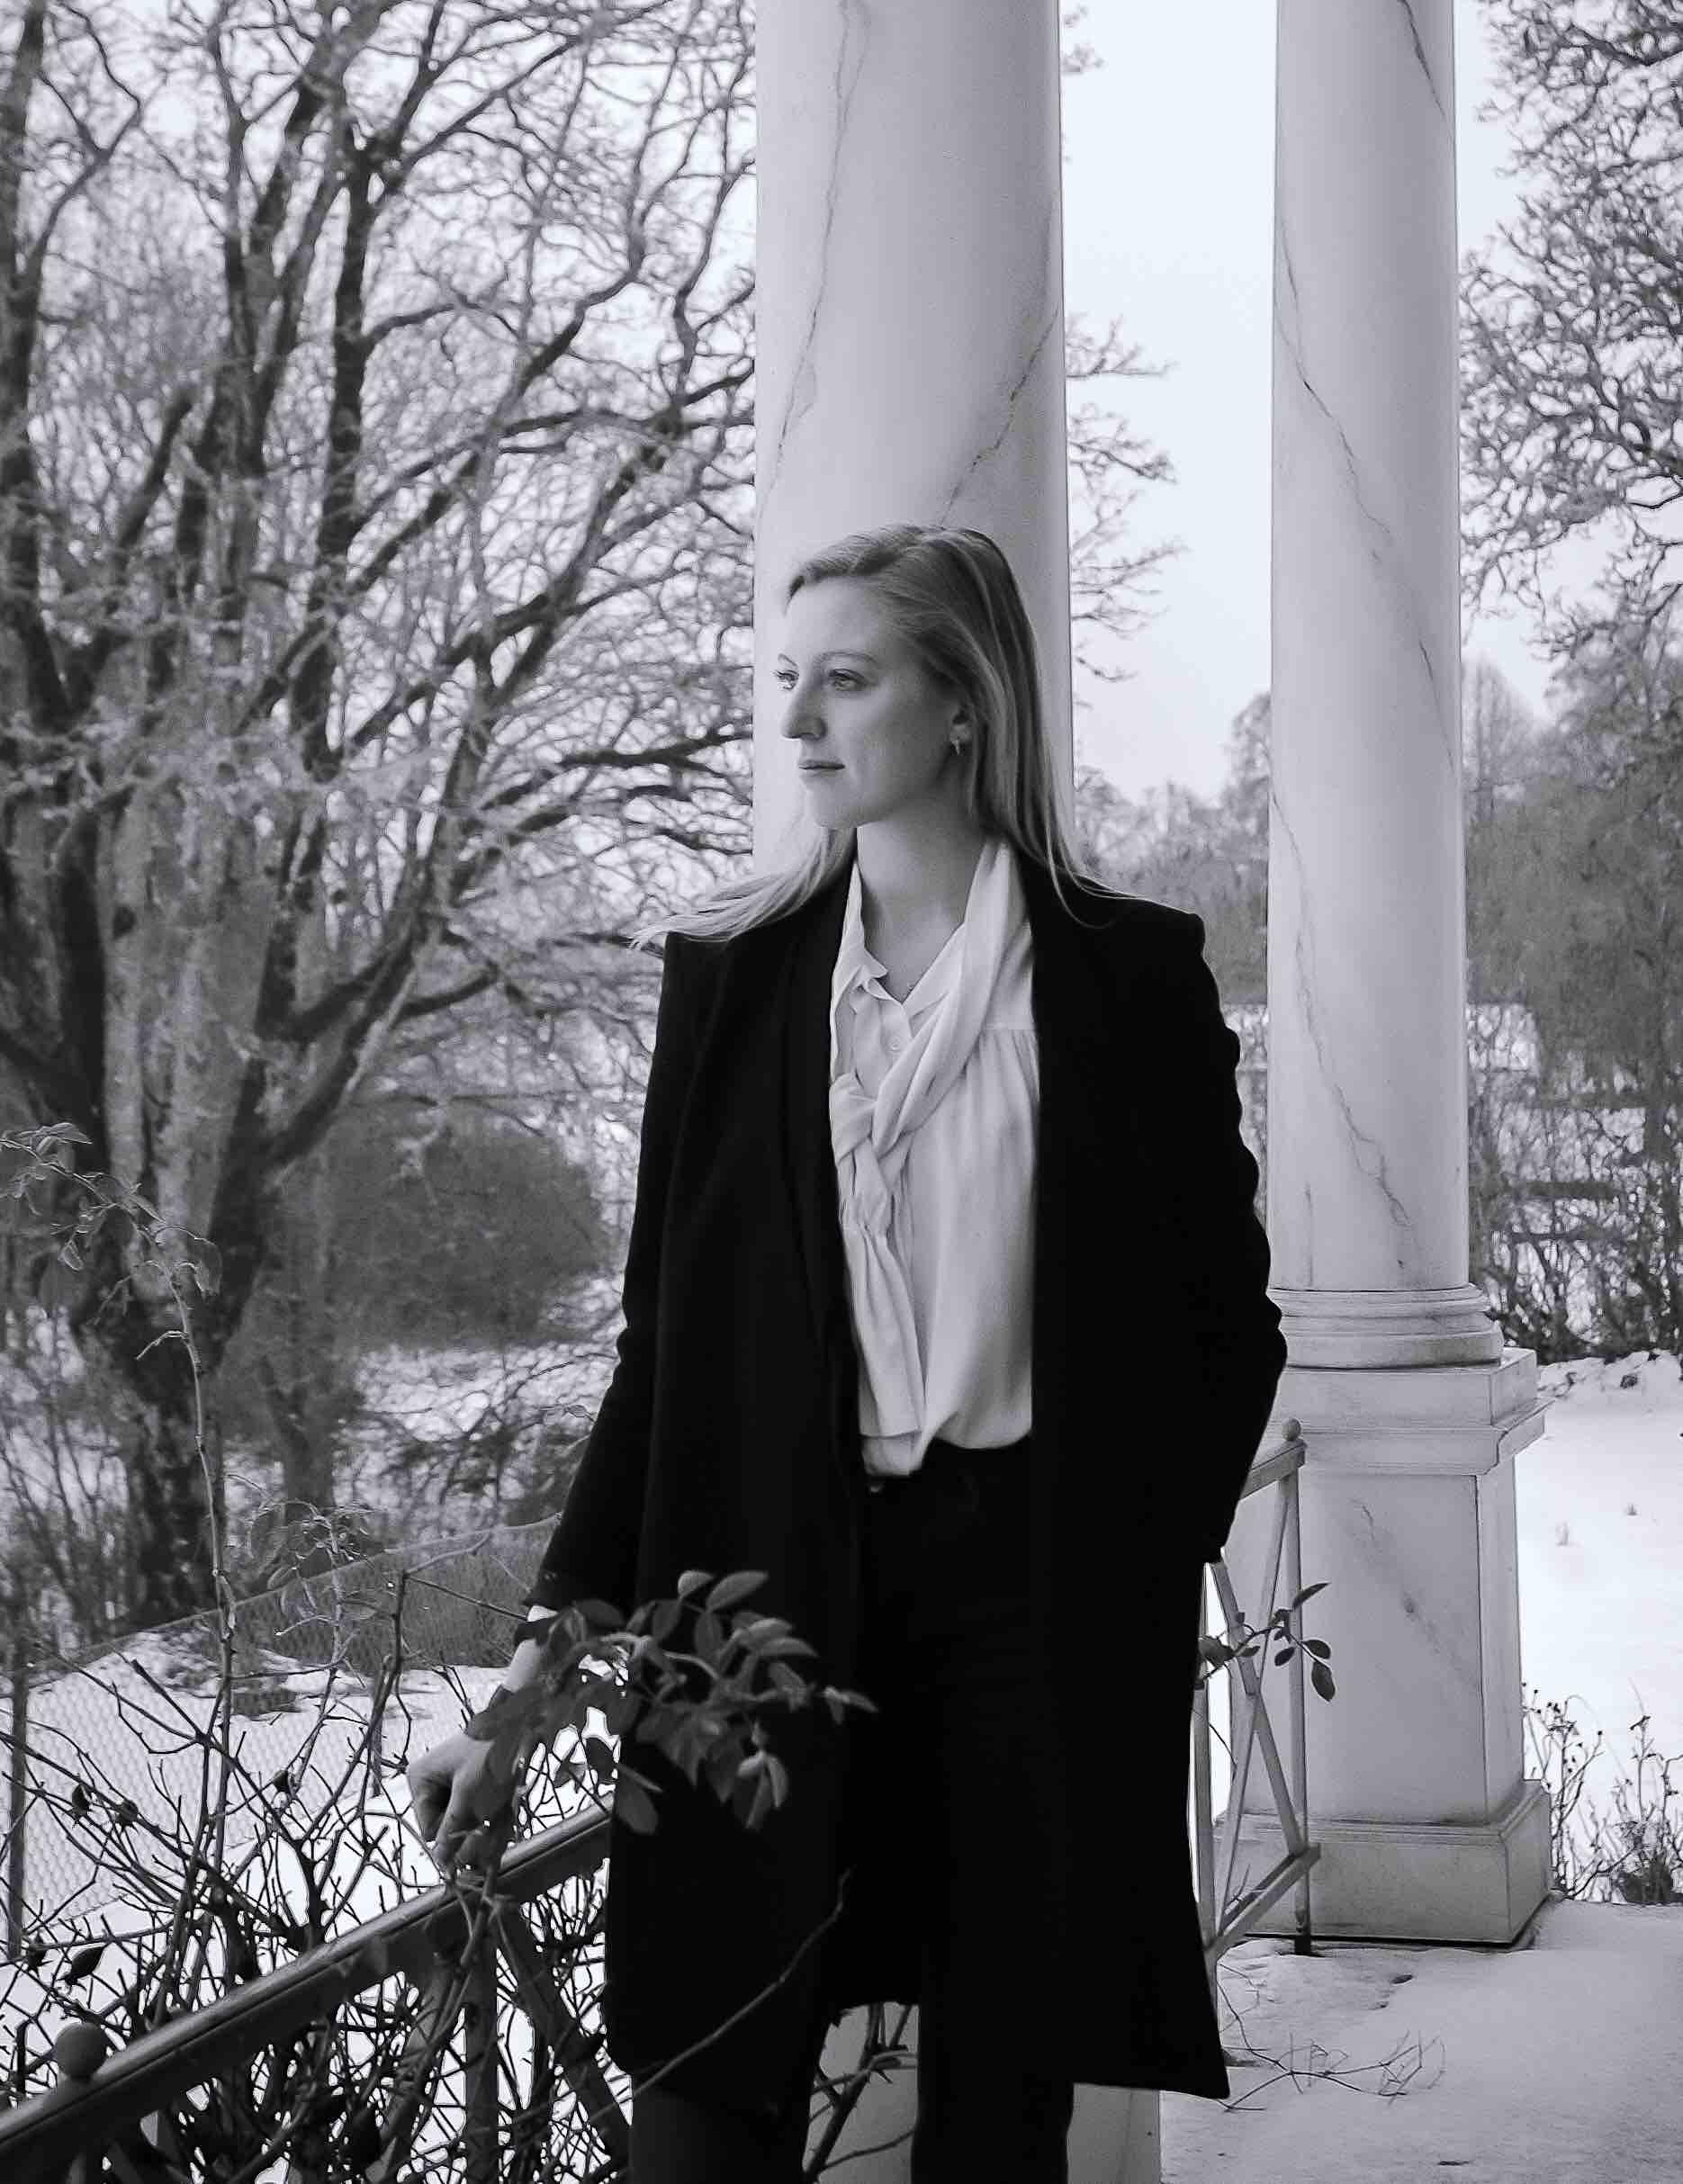 Julie Moltke-Huitfeldt: The current owner of Margreteholm and founder of Margreteholm Mindfulness Manor